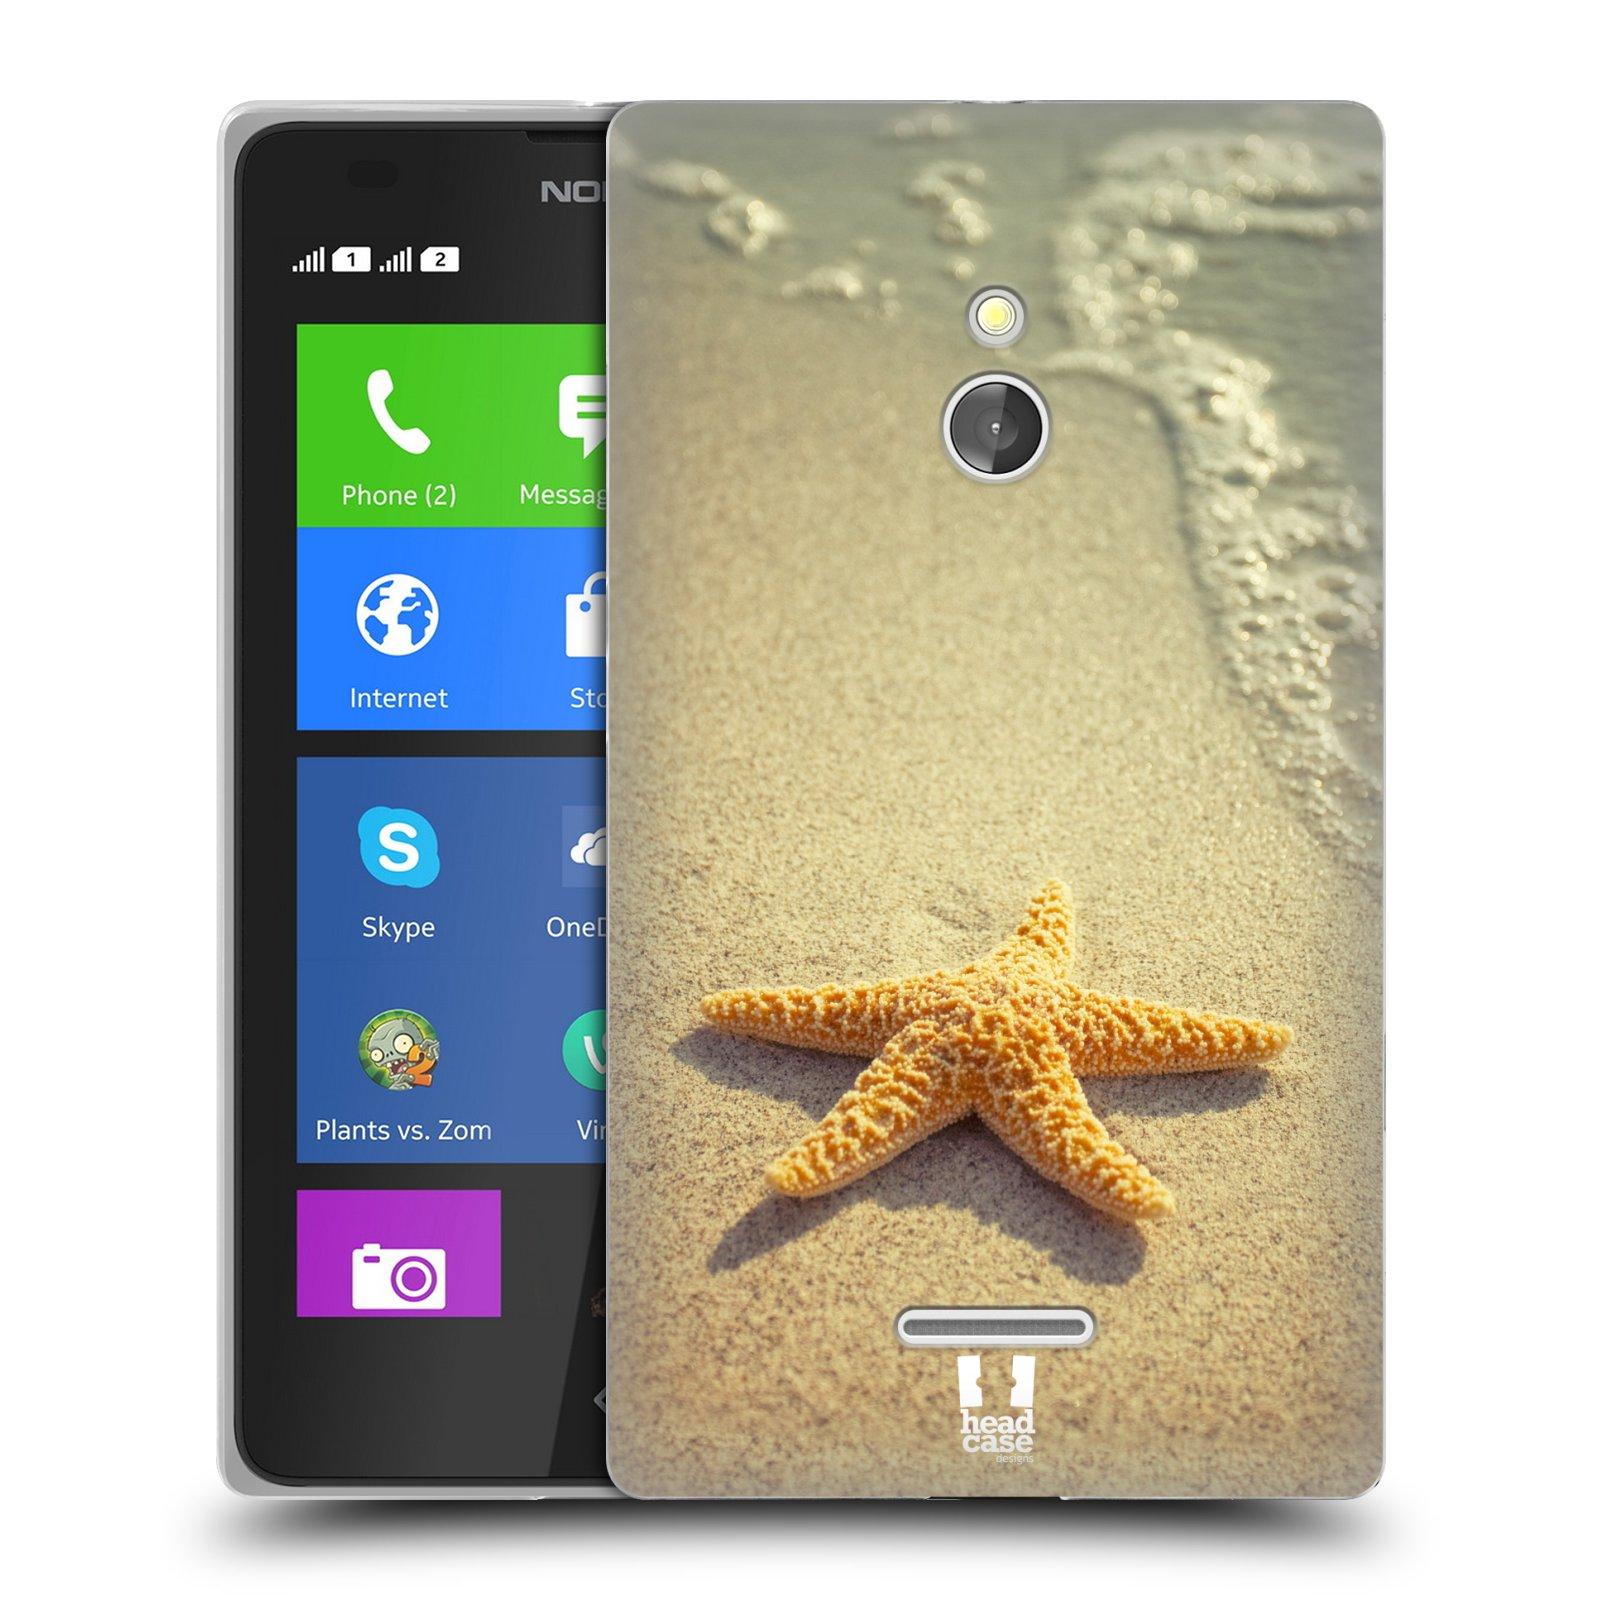 HEAD CASE silikonový obal na mobil NOKIA XL / NOKIA XL DUAL SIM vzor slavná zvířata foto hvězda na břehu